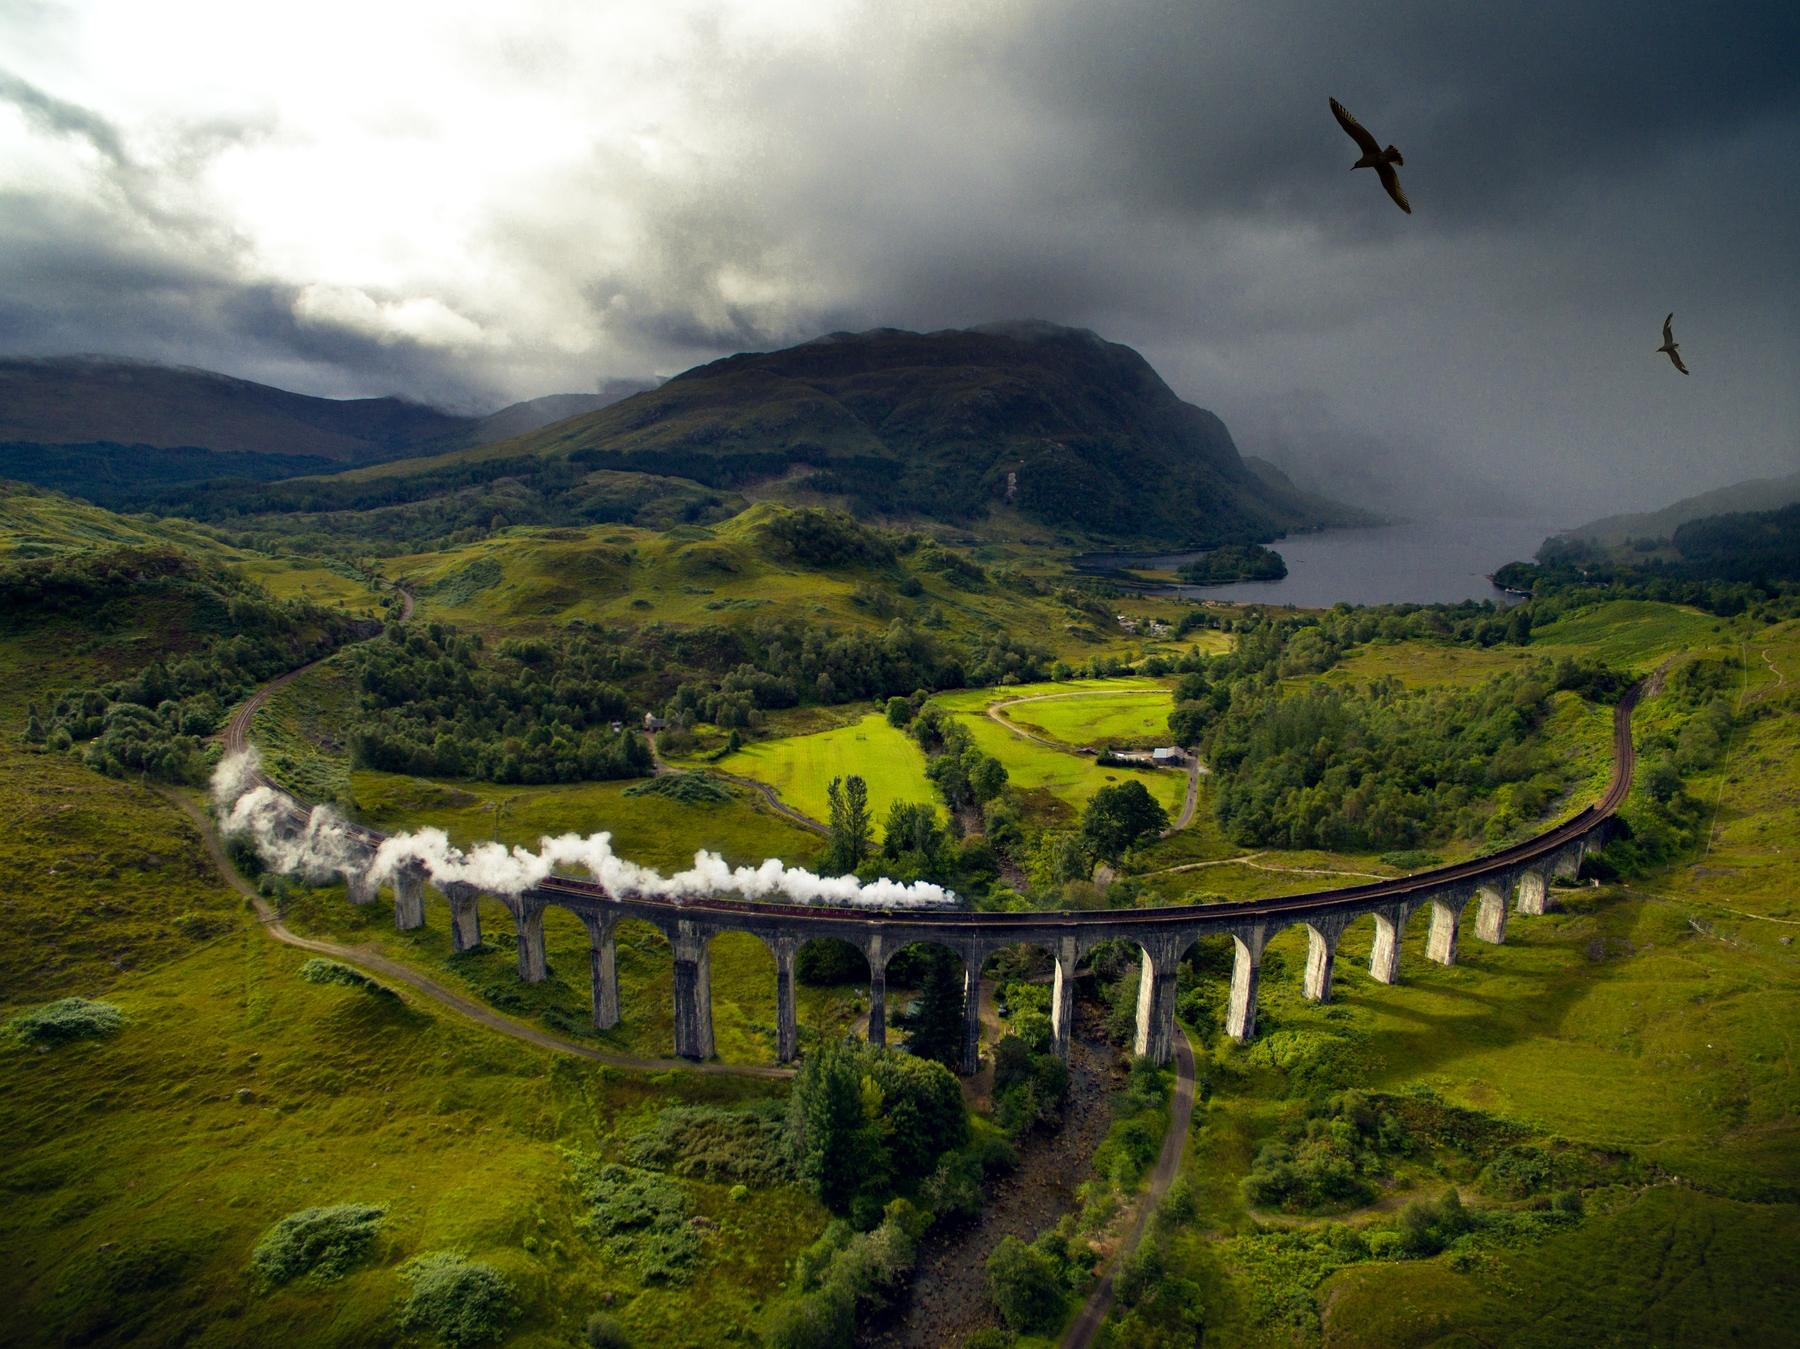 Виадук Гленфиннан в Шотландии — где ходит «Хогвартс-Экспресс» из Гарри Поттера